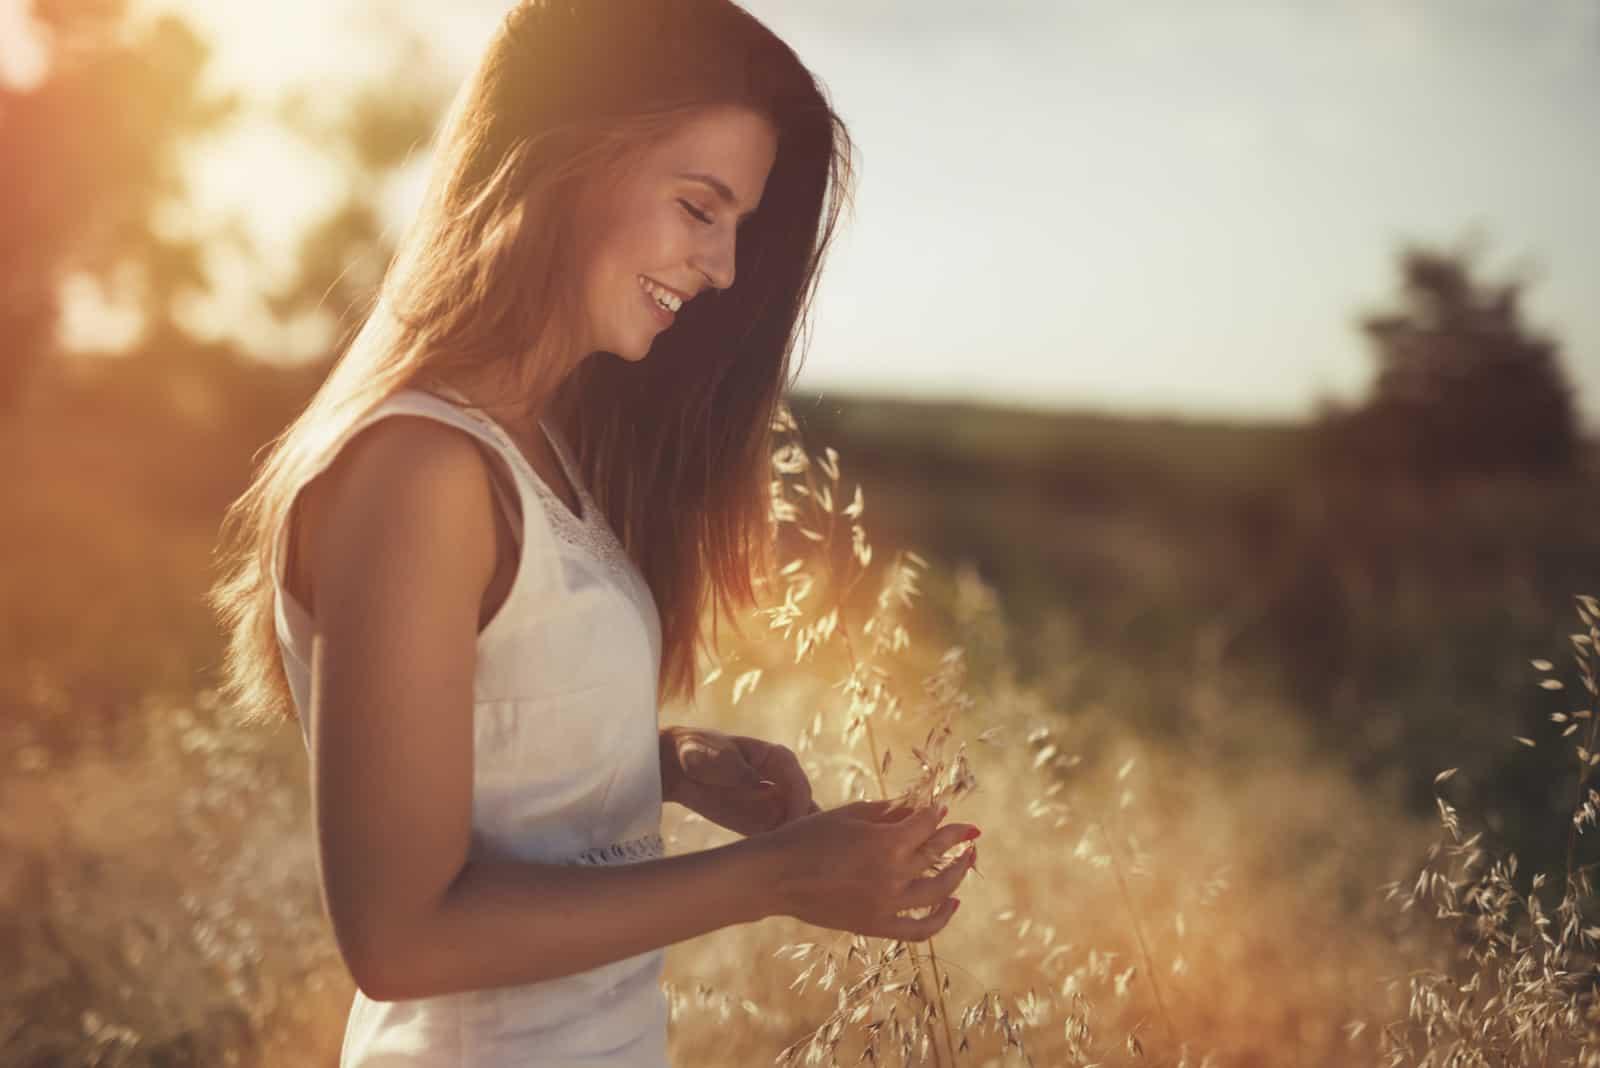 la femme rit dans le champ de blé